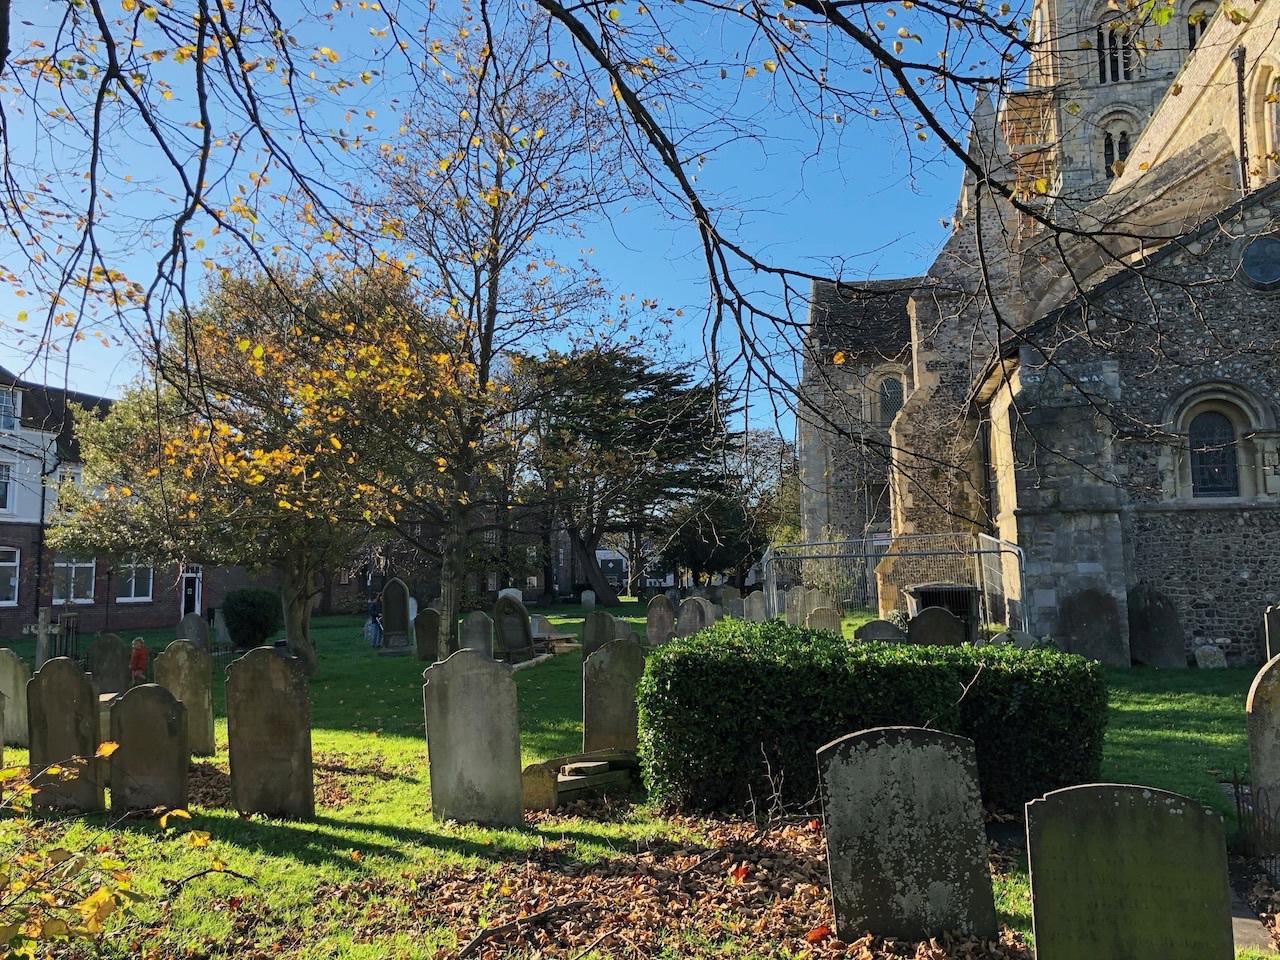 The churchyard of St Mary de Haura.